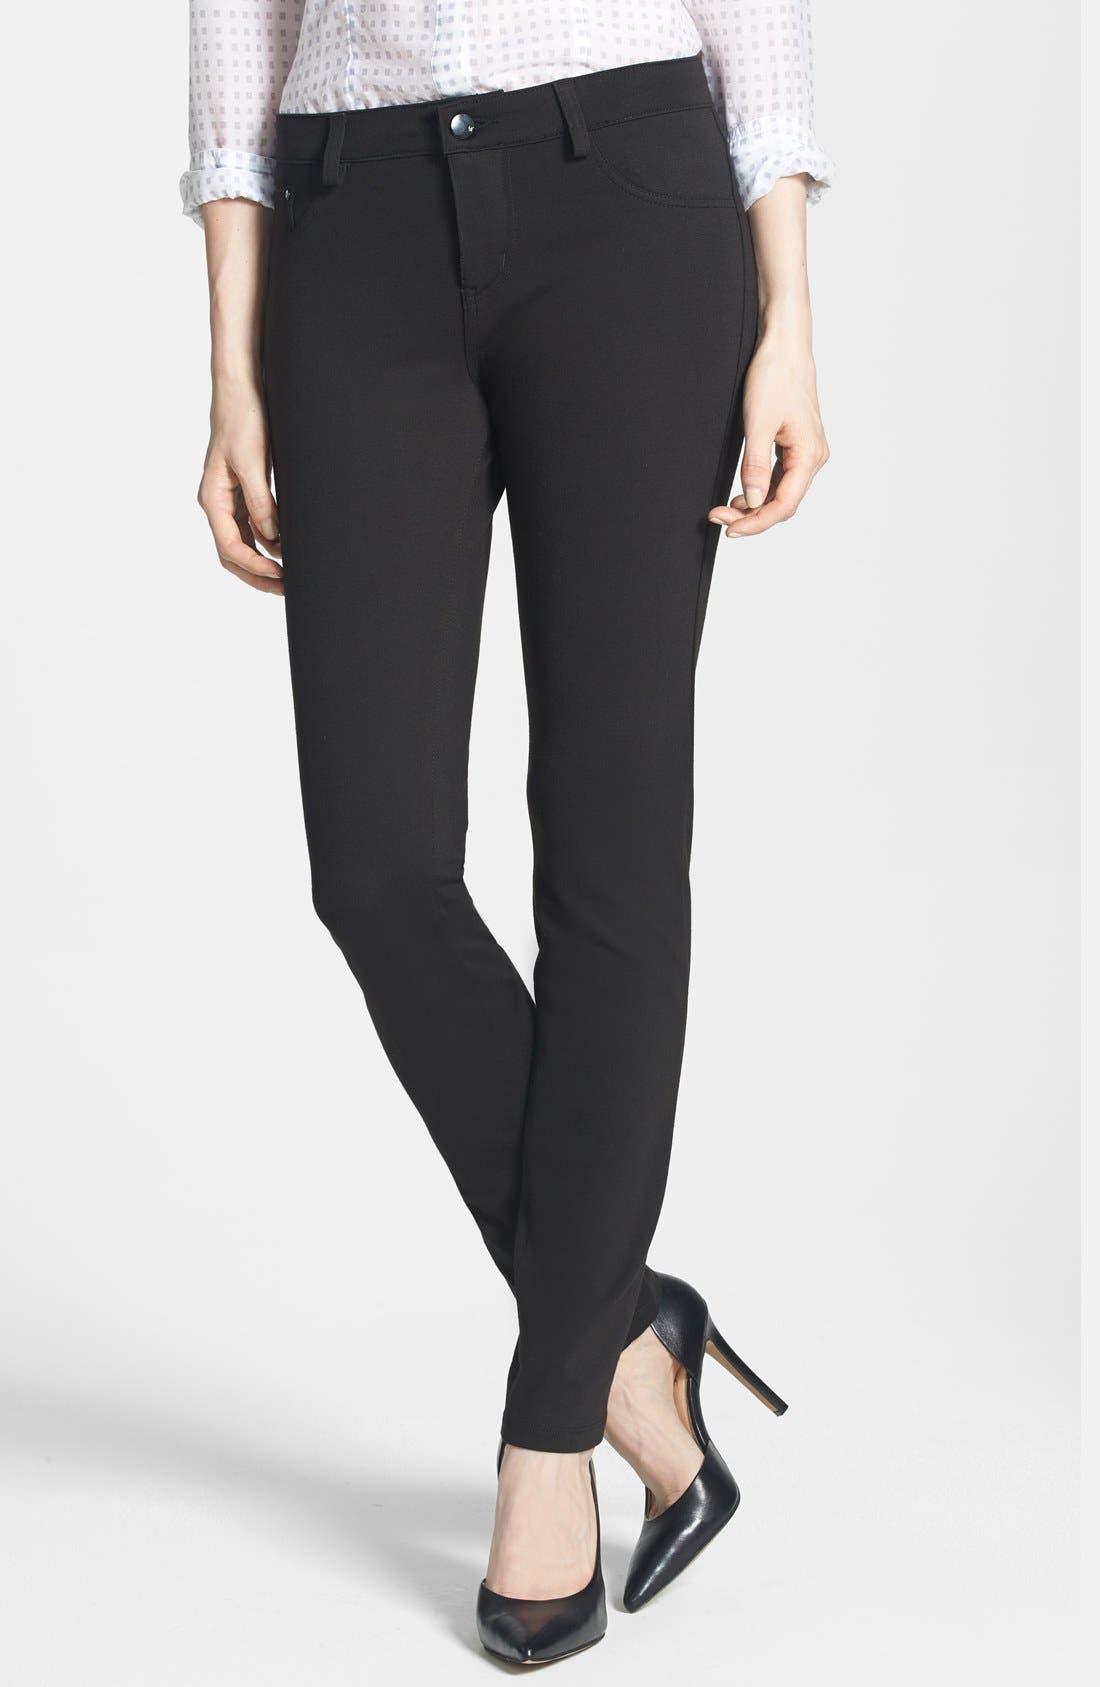 Main Image - !iT 'Lauren' Skinny Ponte Pants